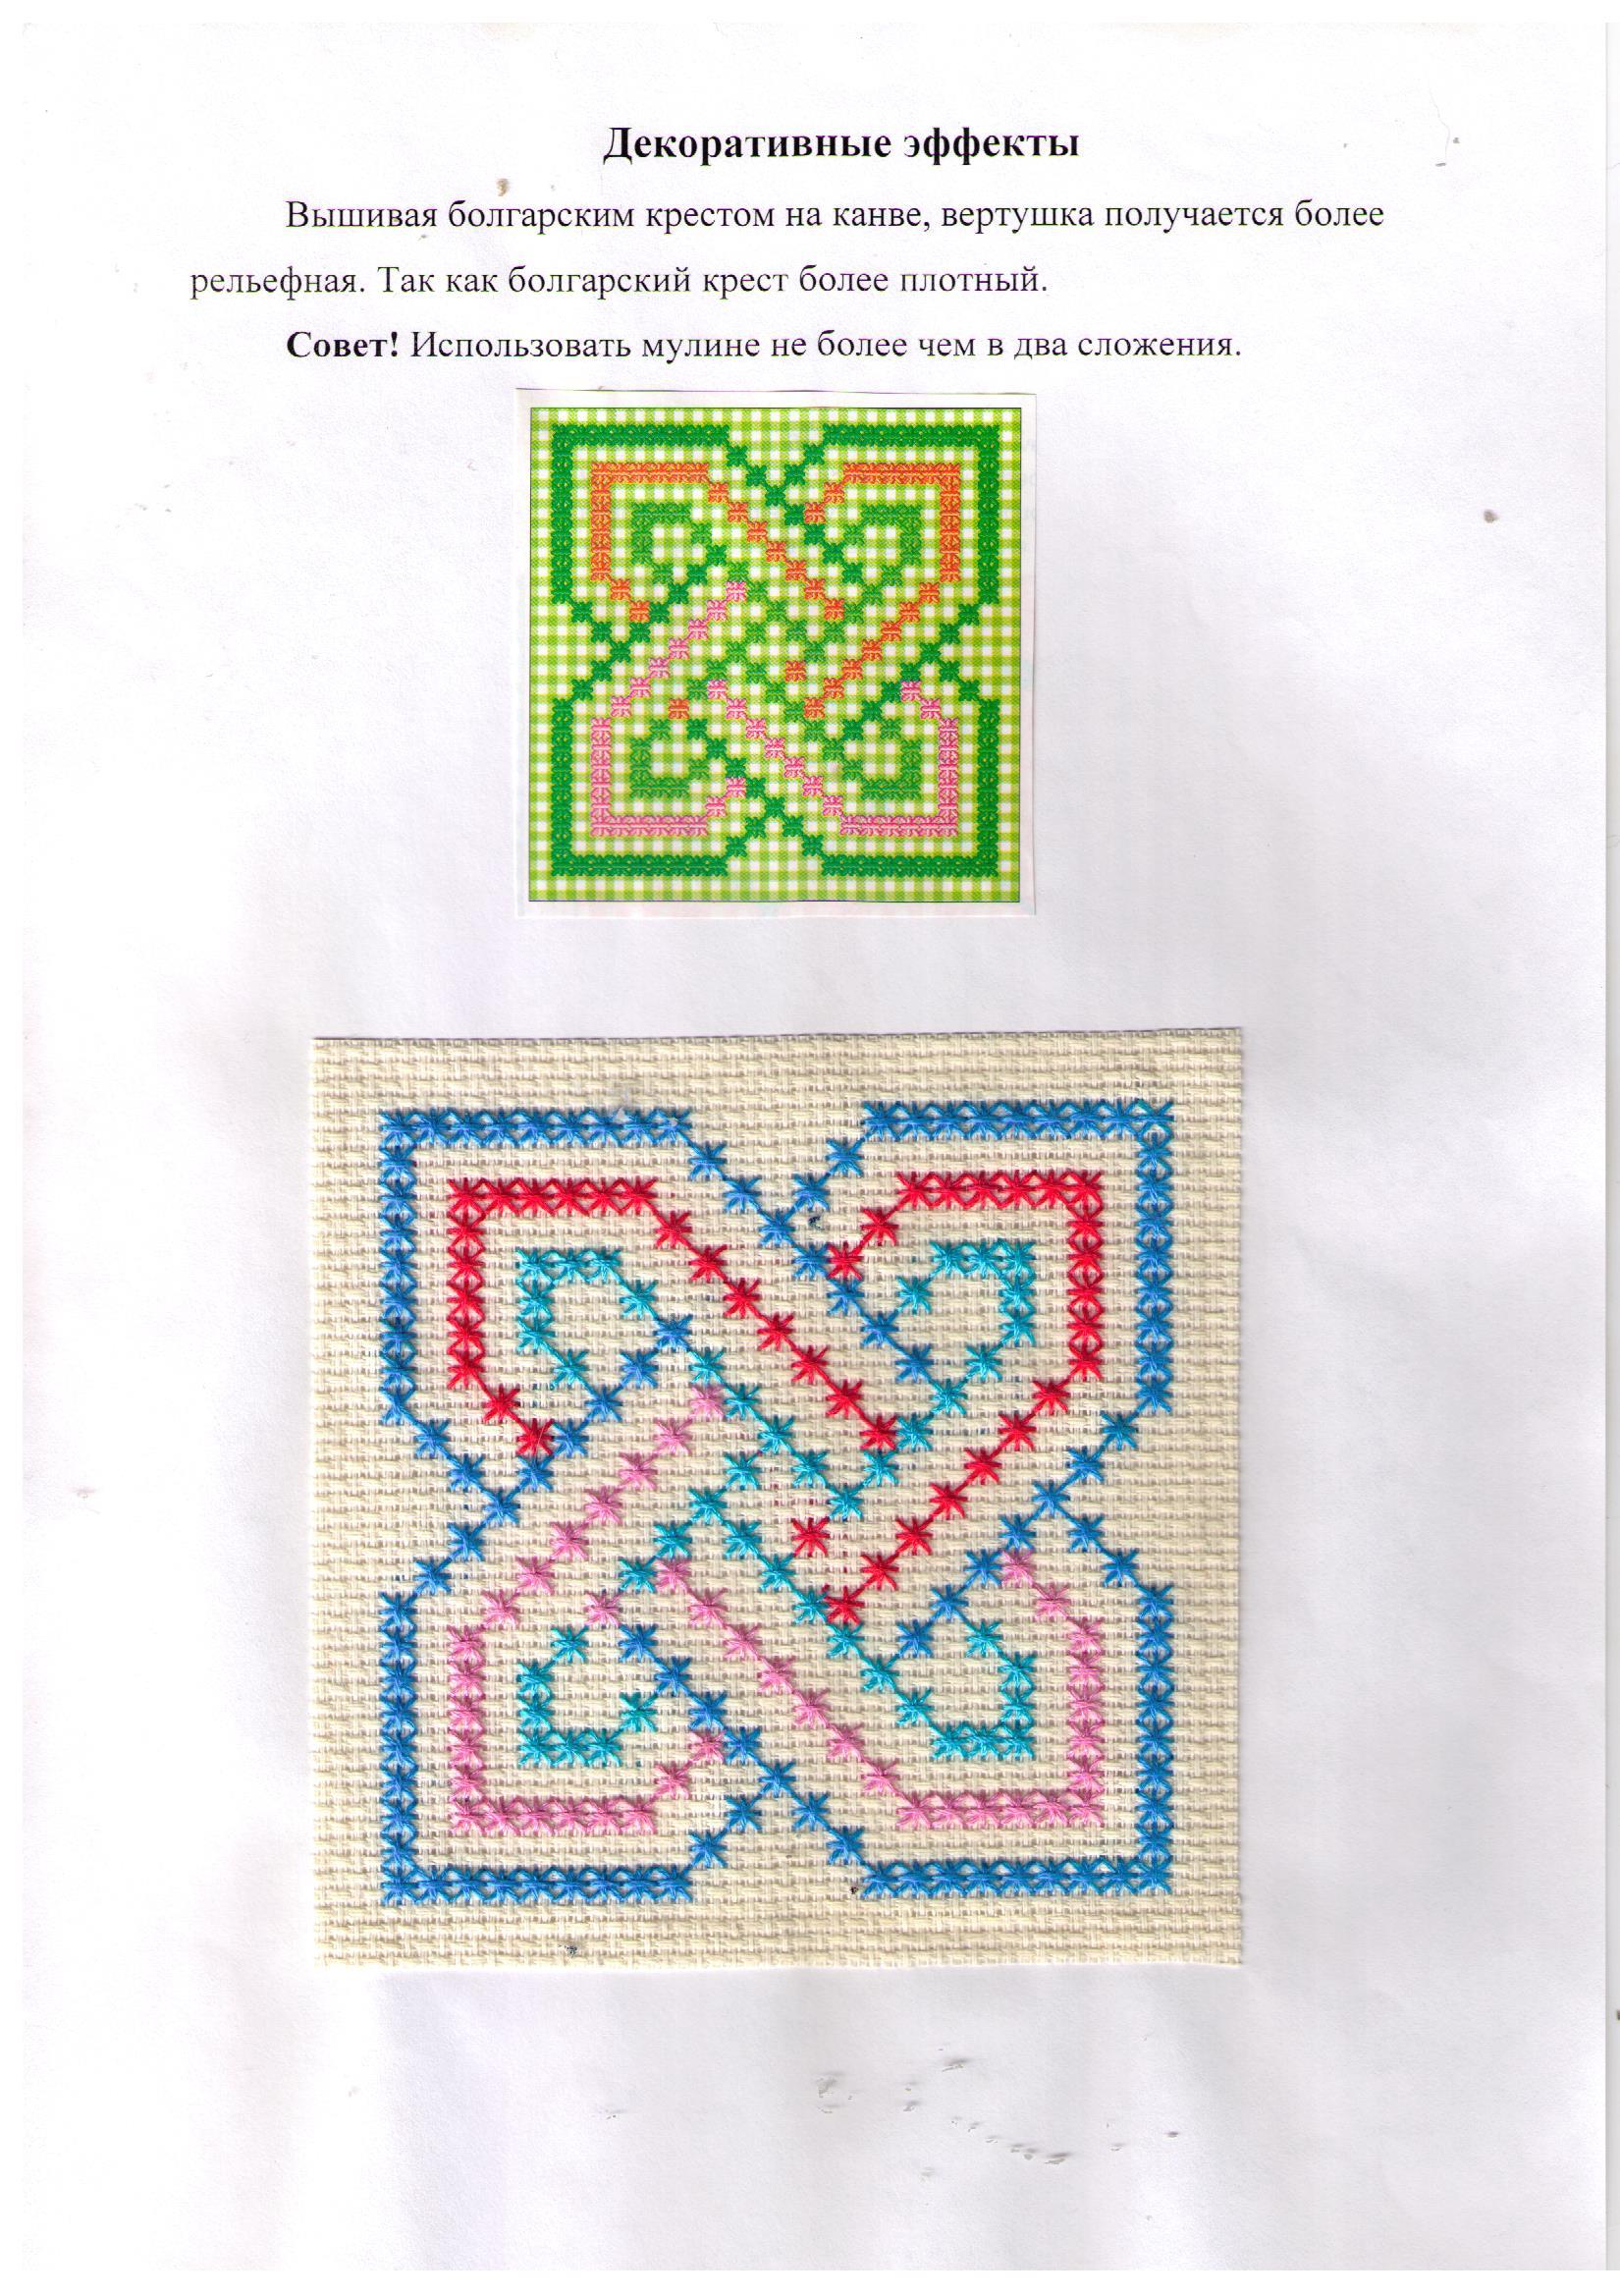 Узоры болгарским крестом фото